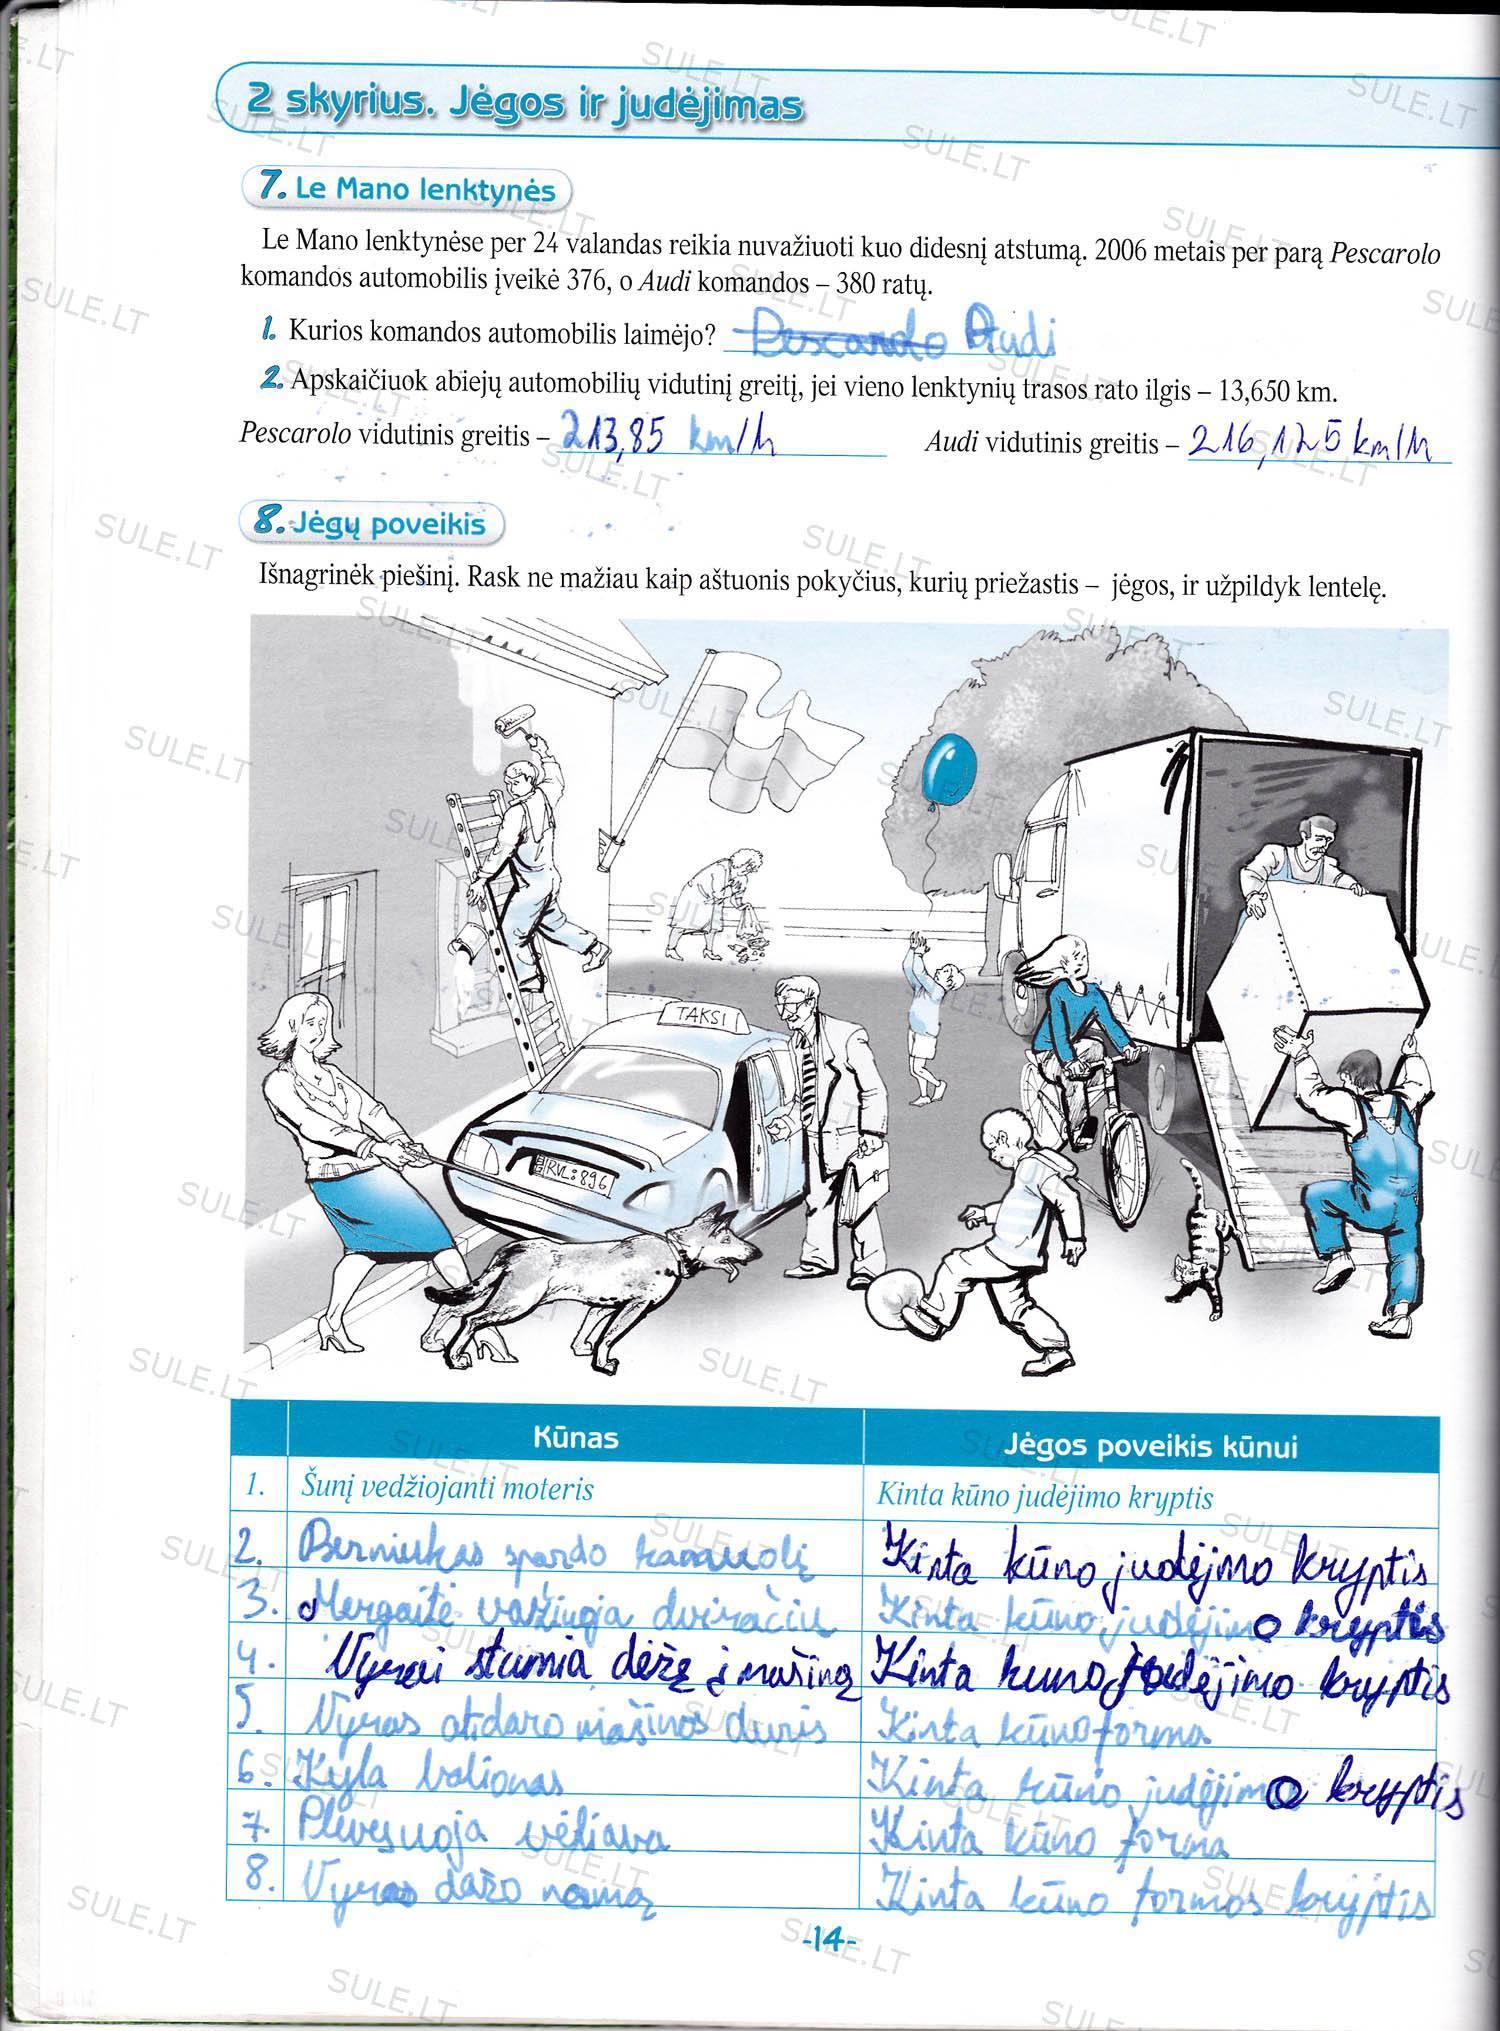 Biologija-6-klasei-2-dalis-14-puslapis2